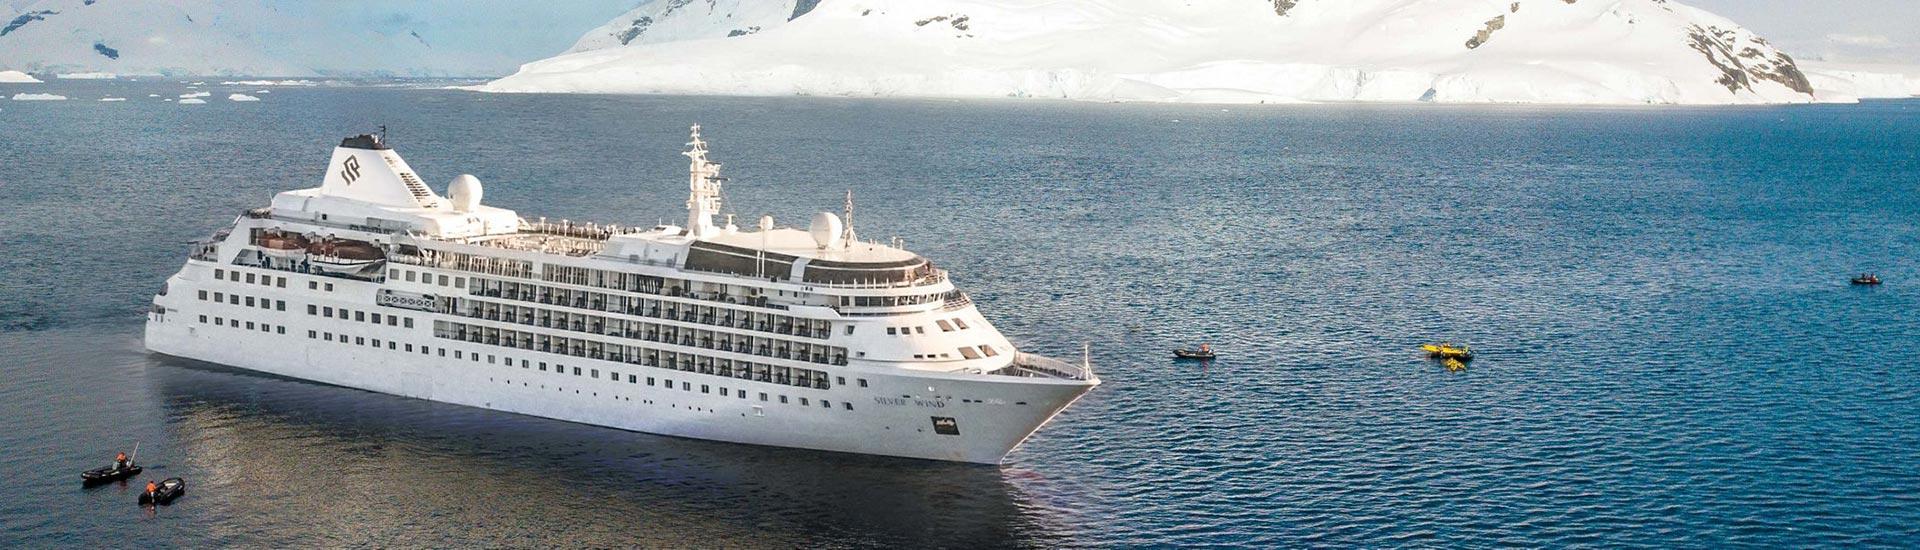 银海邮轮 Silversea Luxury Cruises